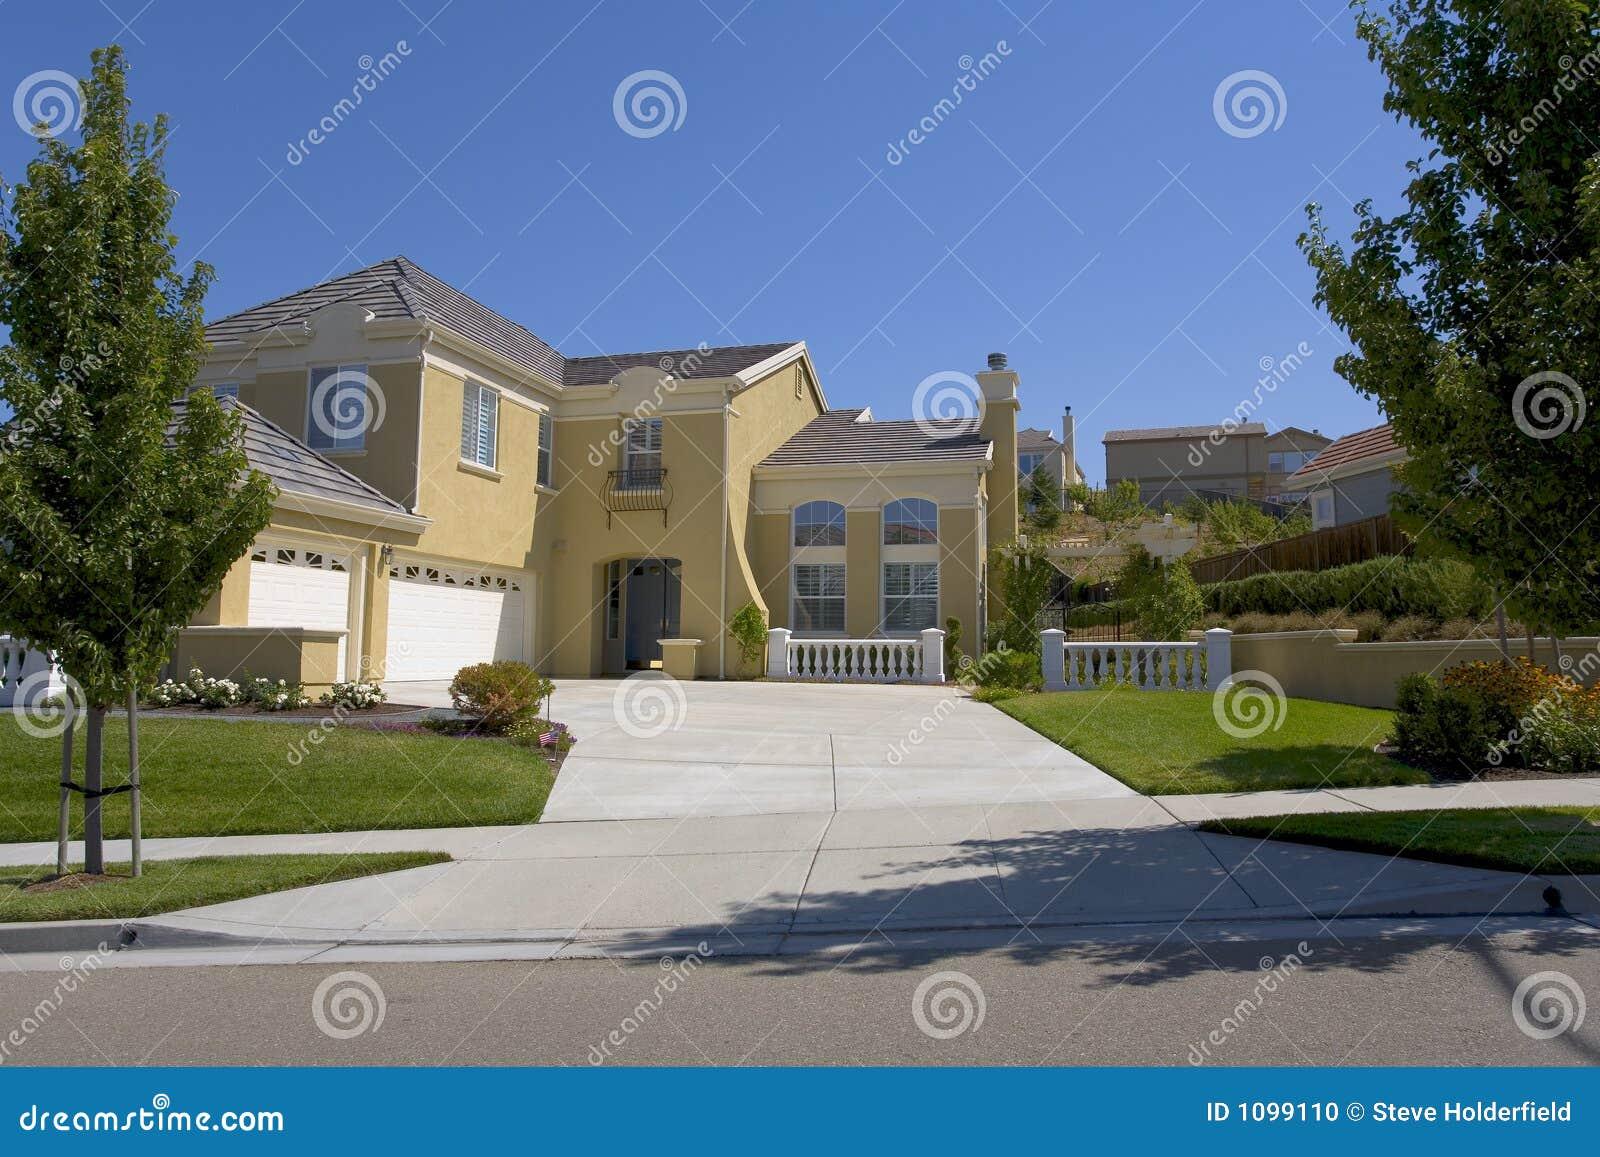 grande maison contemporaine faite sur commande de patrimoine photo stock image 1099110. Black Bedroom Furniture Sets. Home Design Ideas